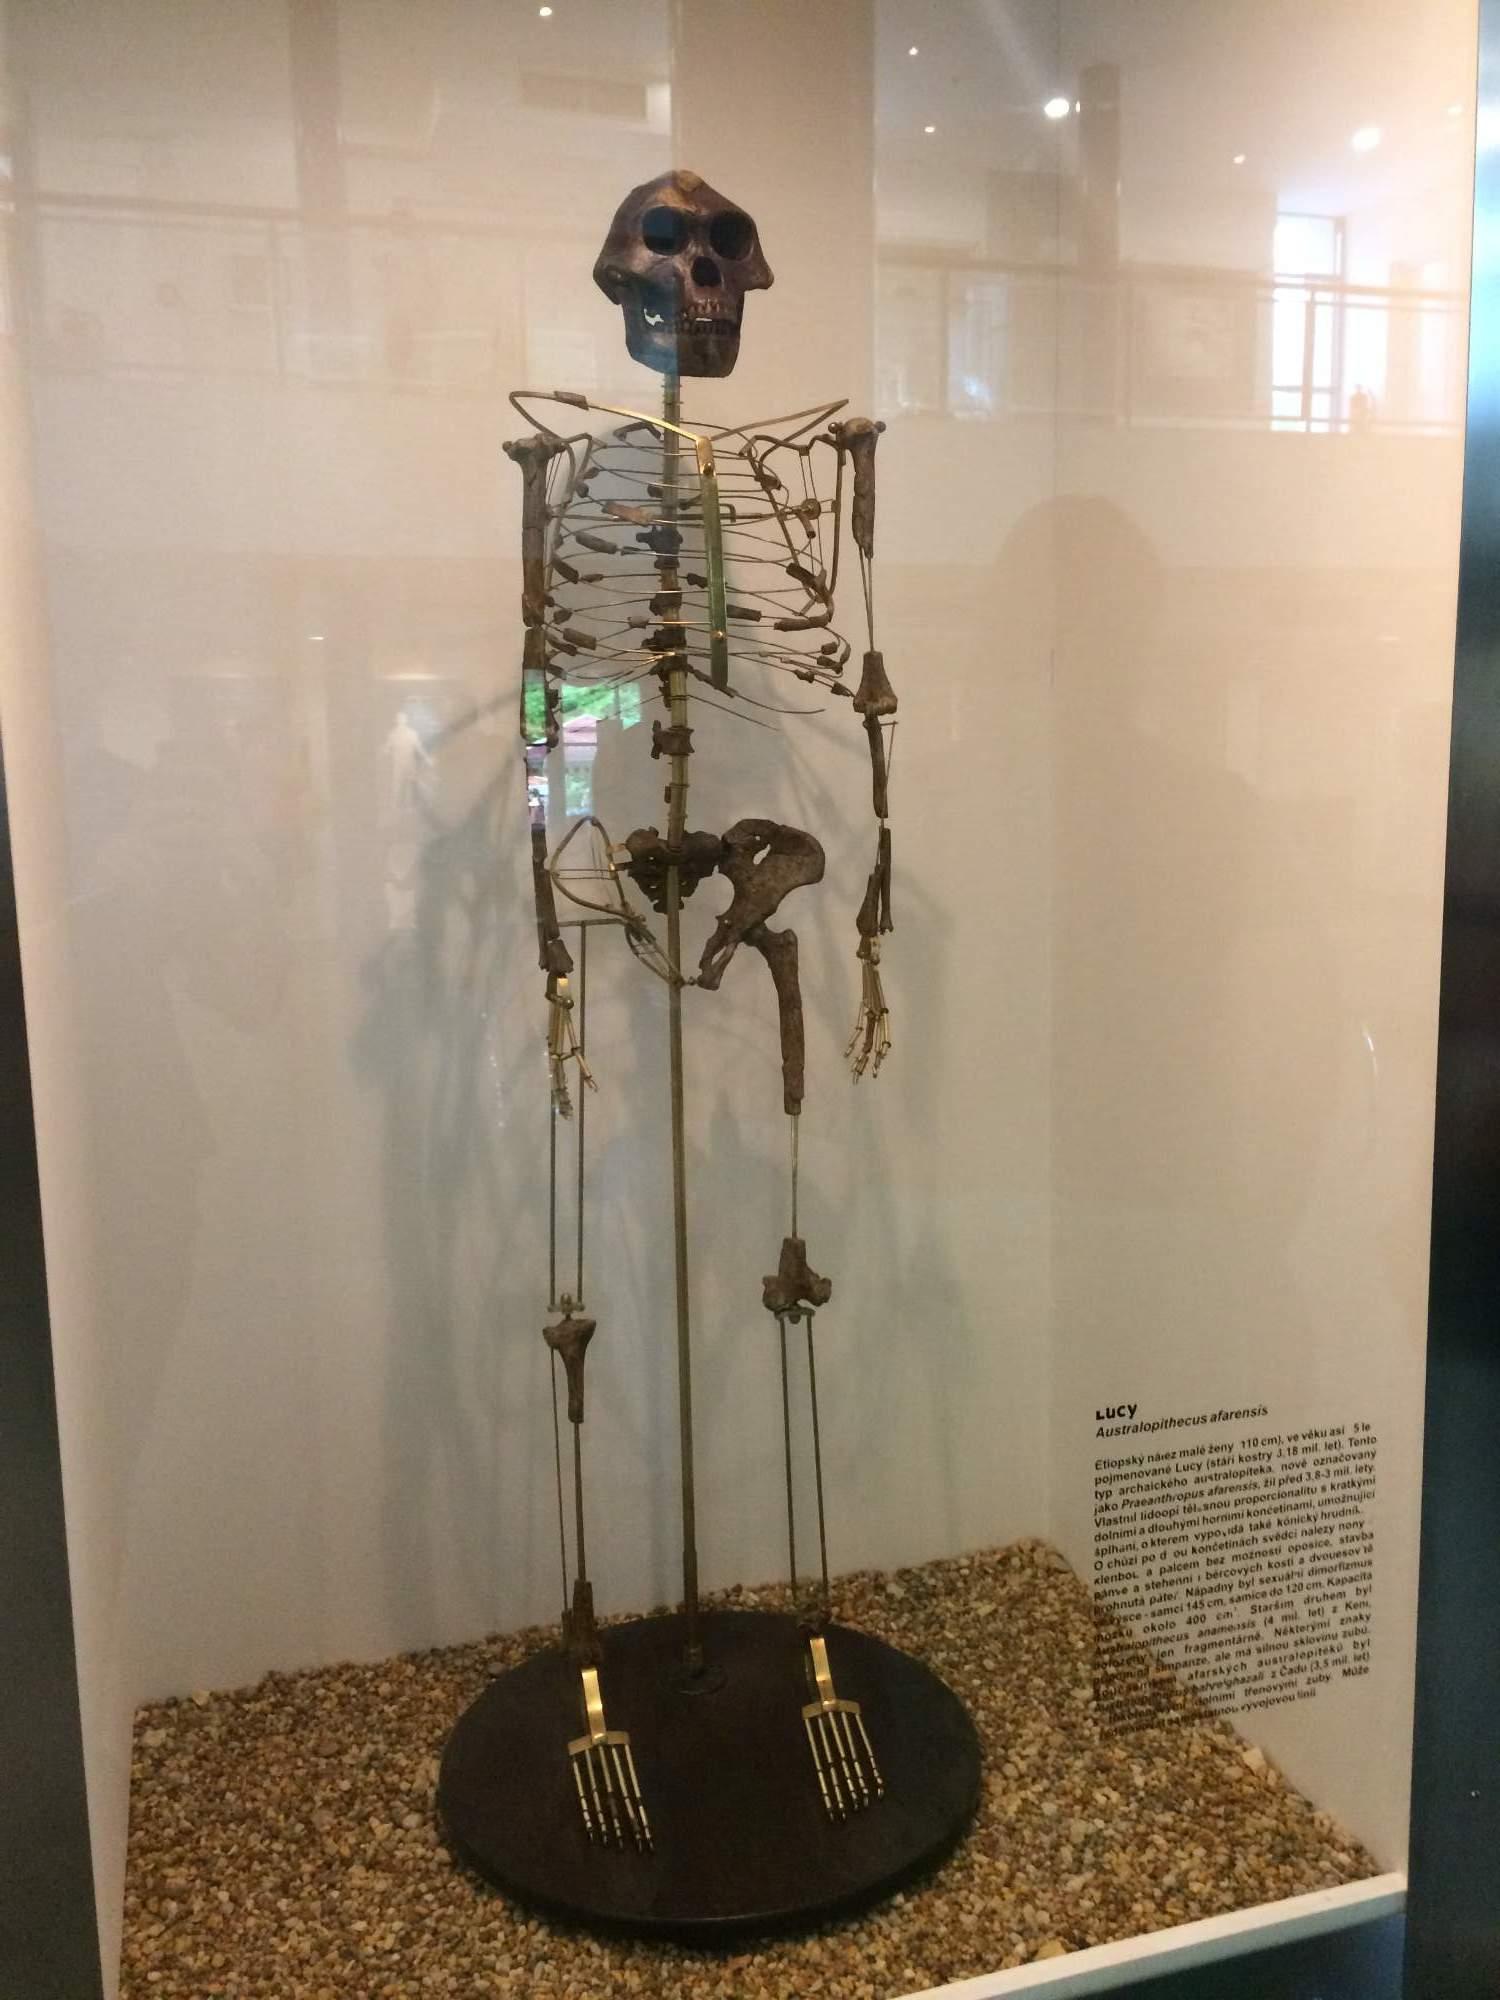 Lucy, najstaršia predchodkyňa človeka